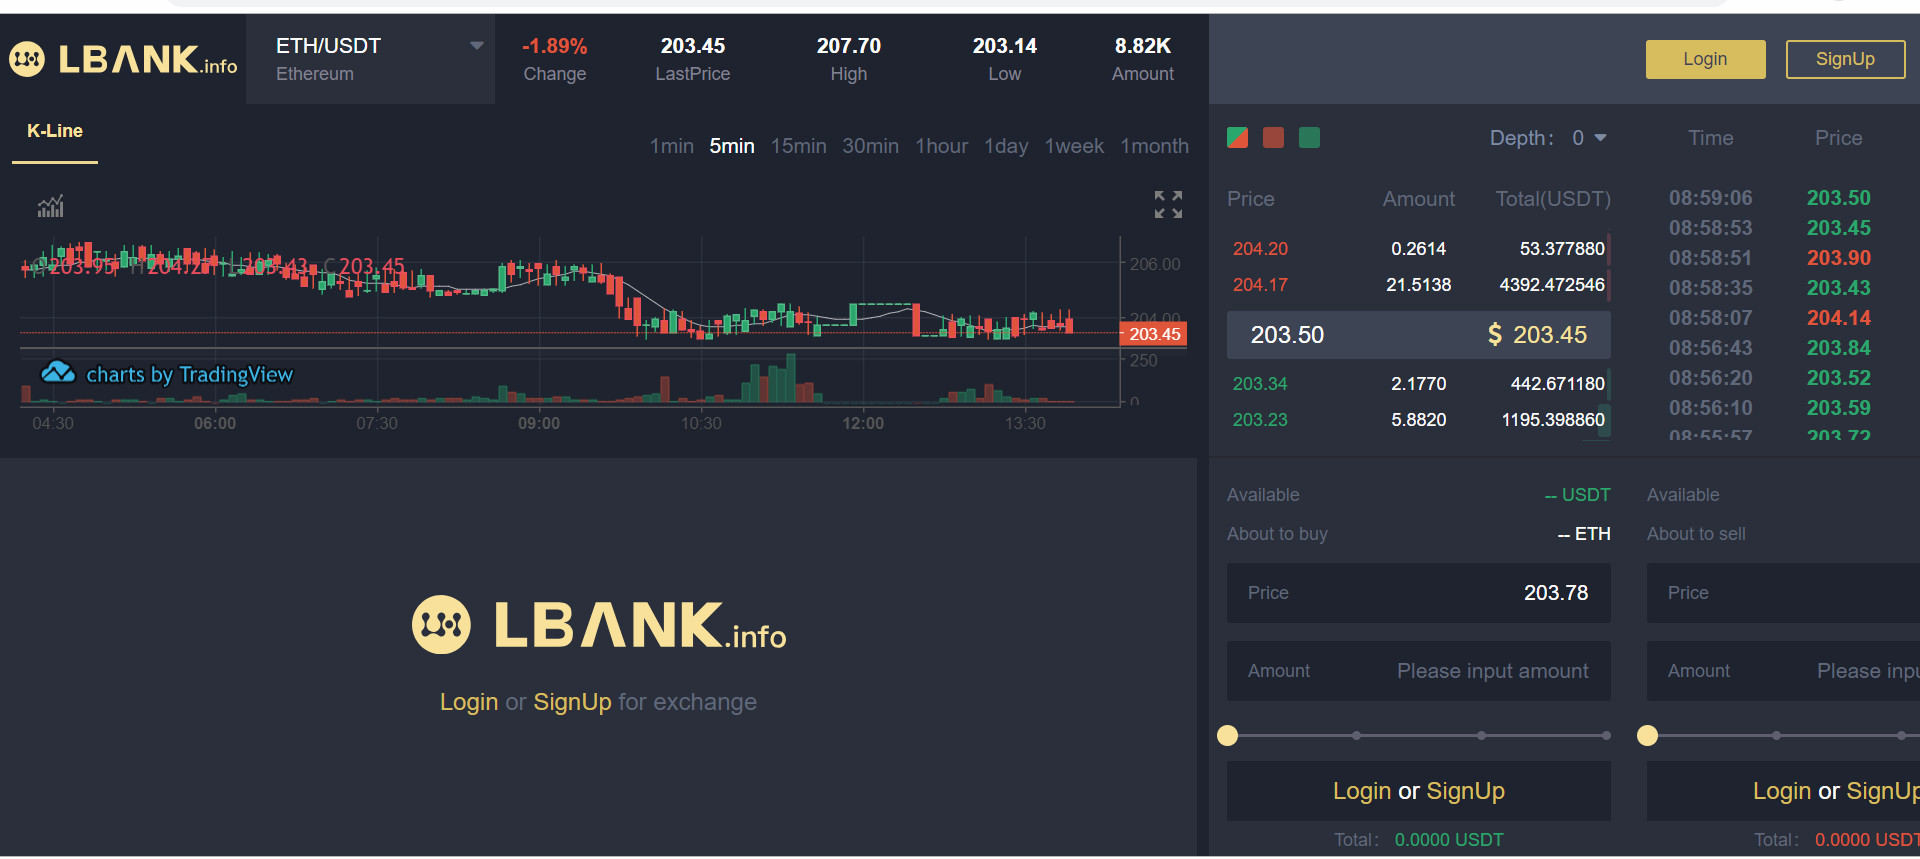 lbank cryptocurrency exchange